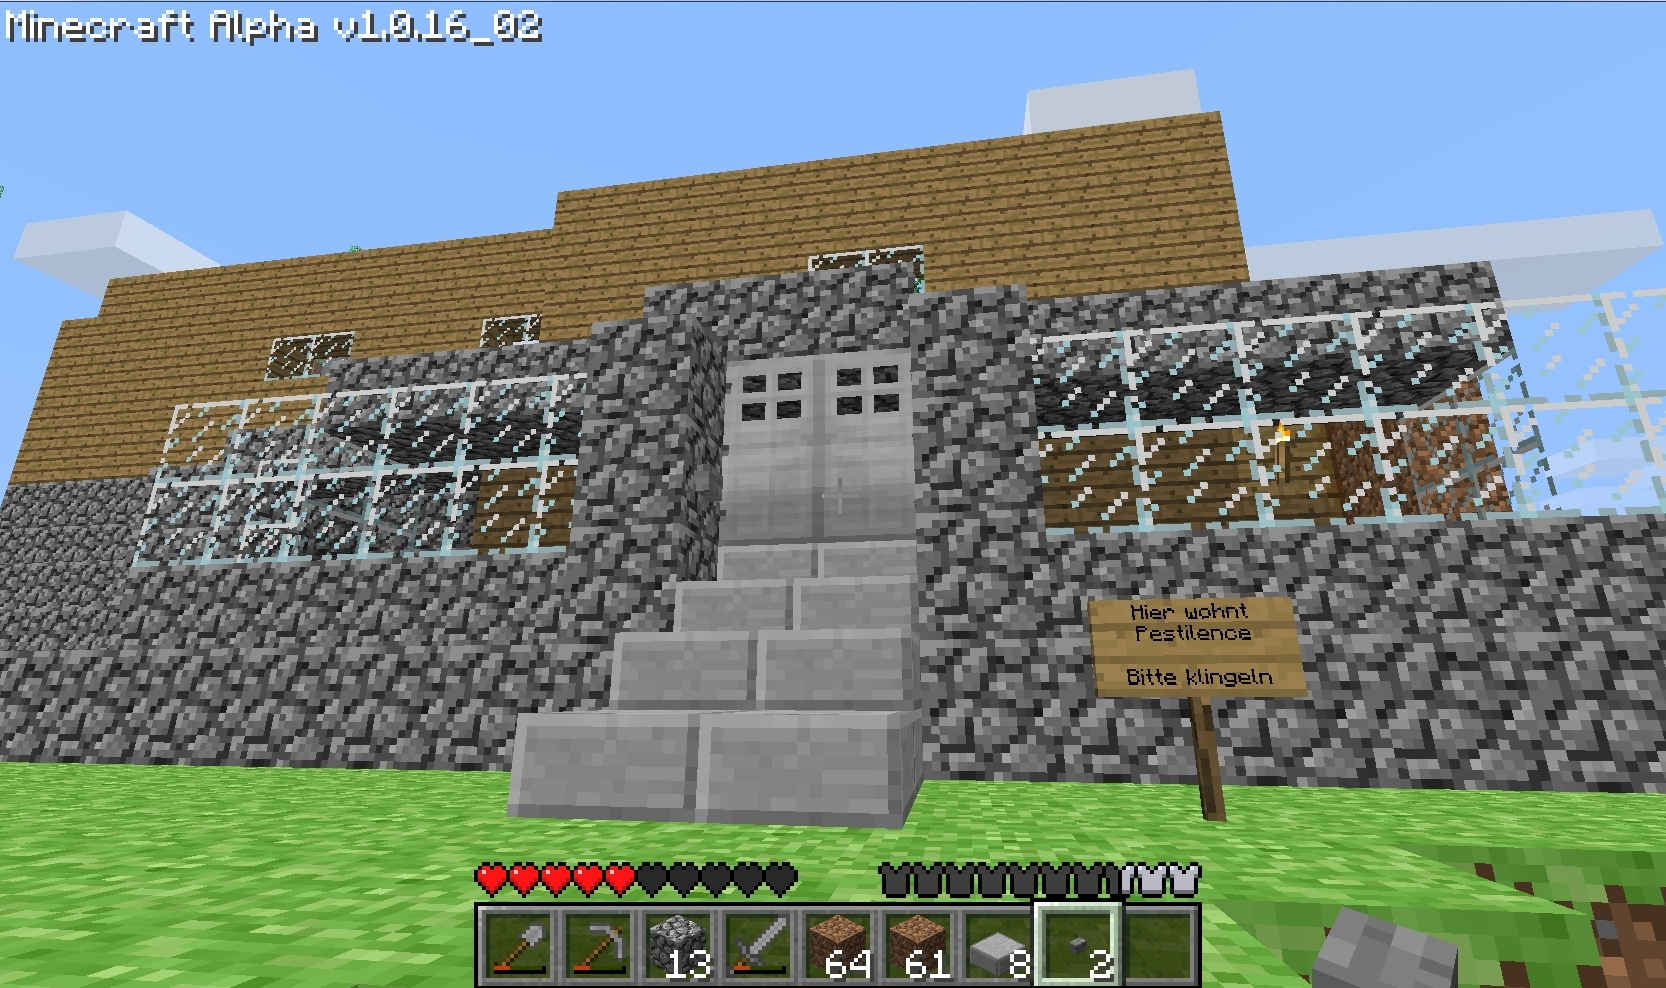 Minecraft Minecraft Seite UserArtikel GamersGlobalde - Minecraft haus bauen lernen